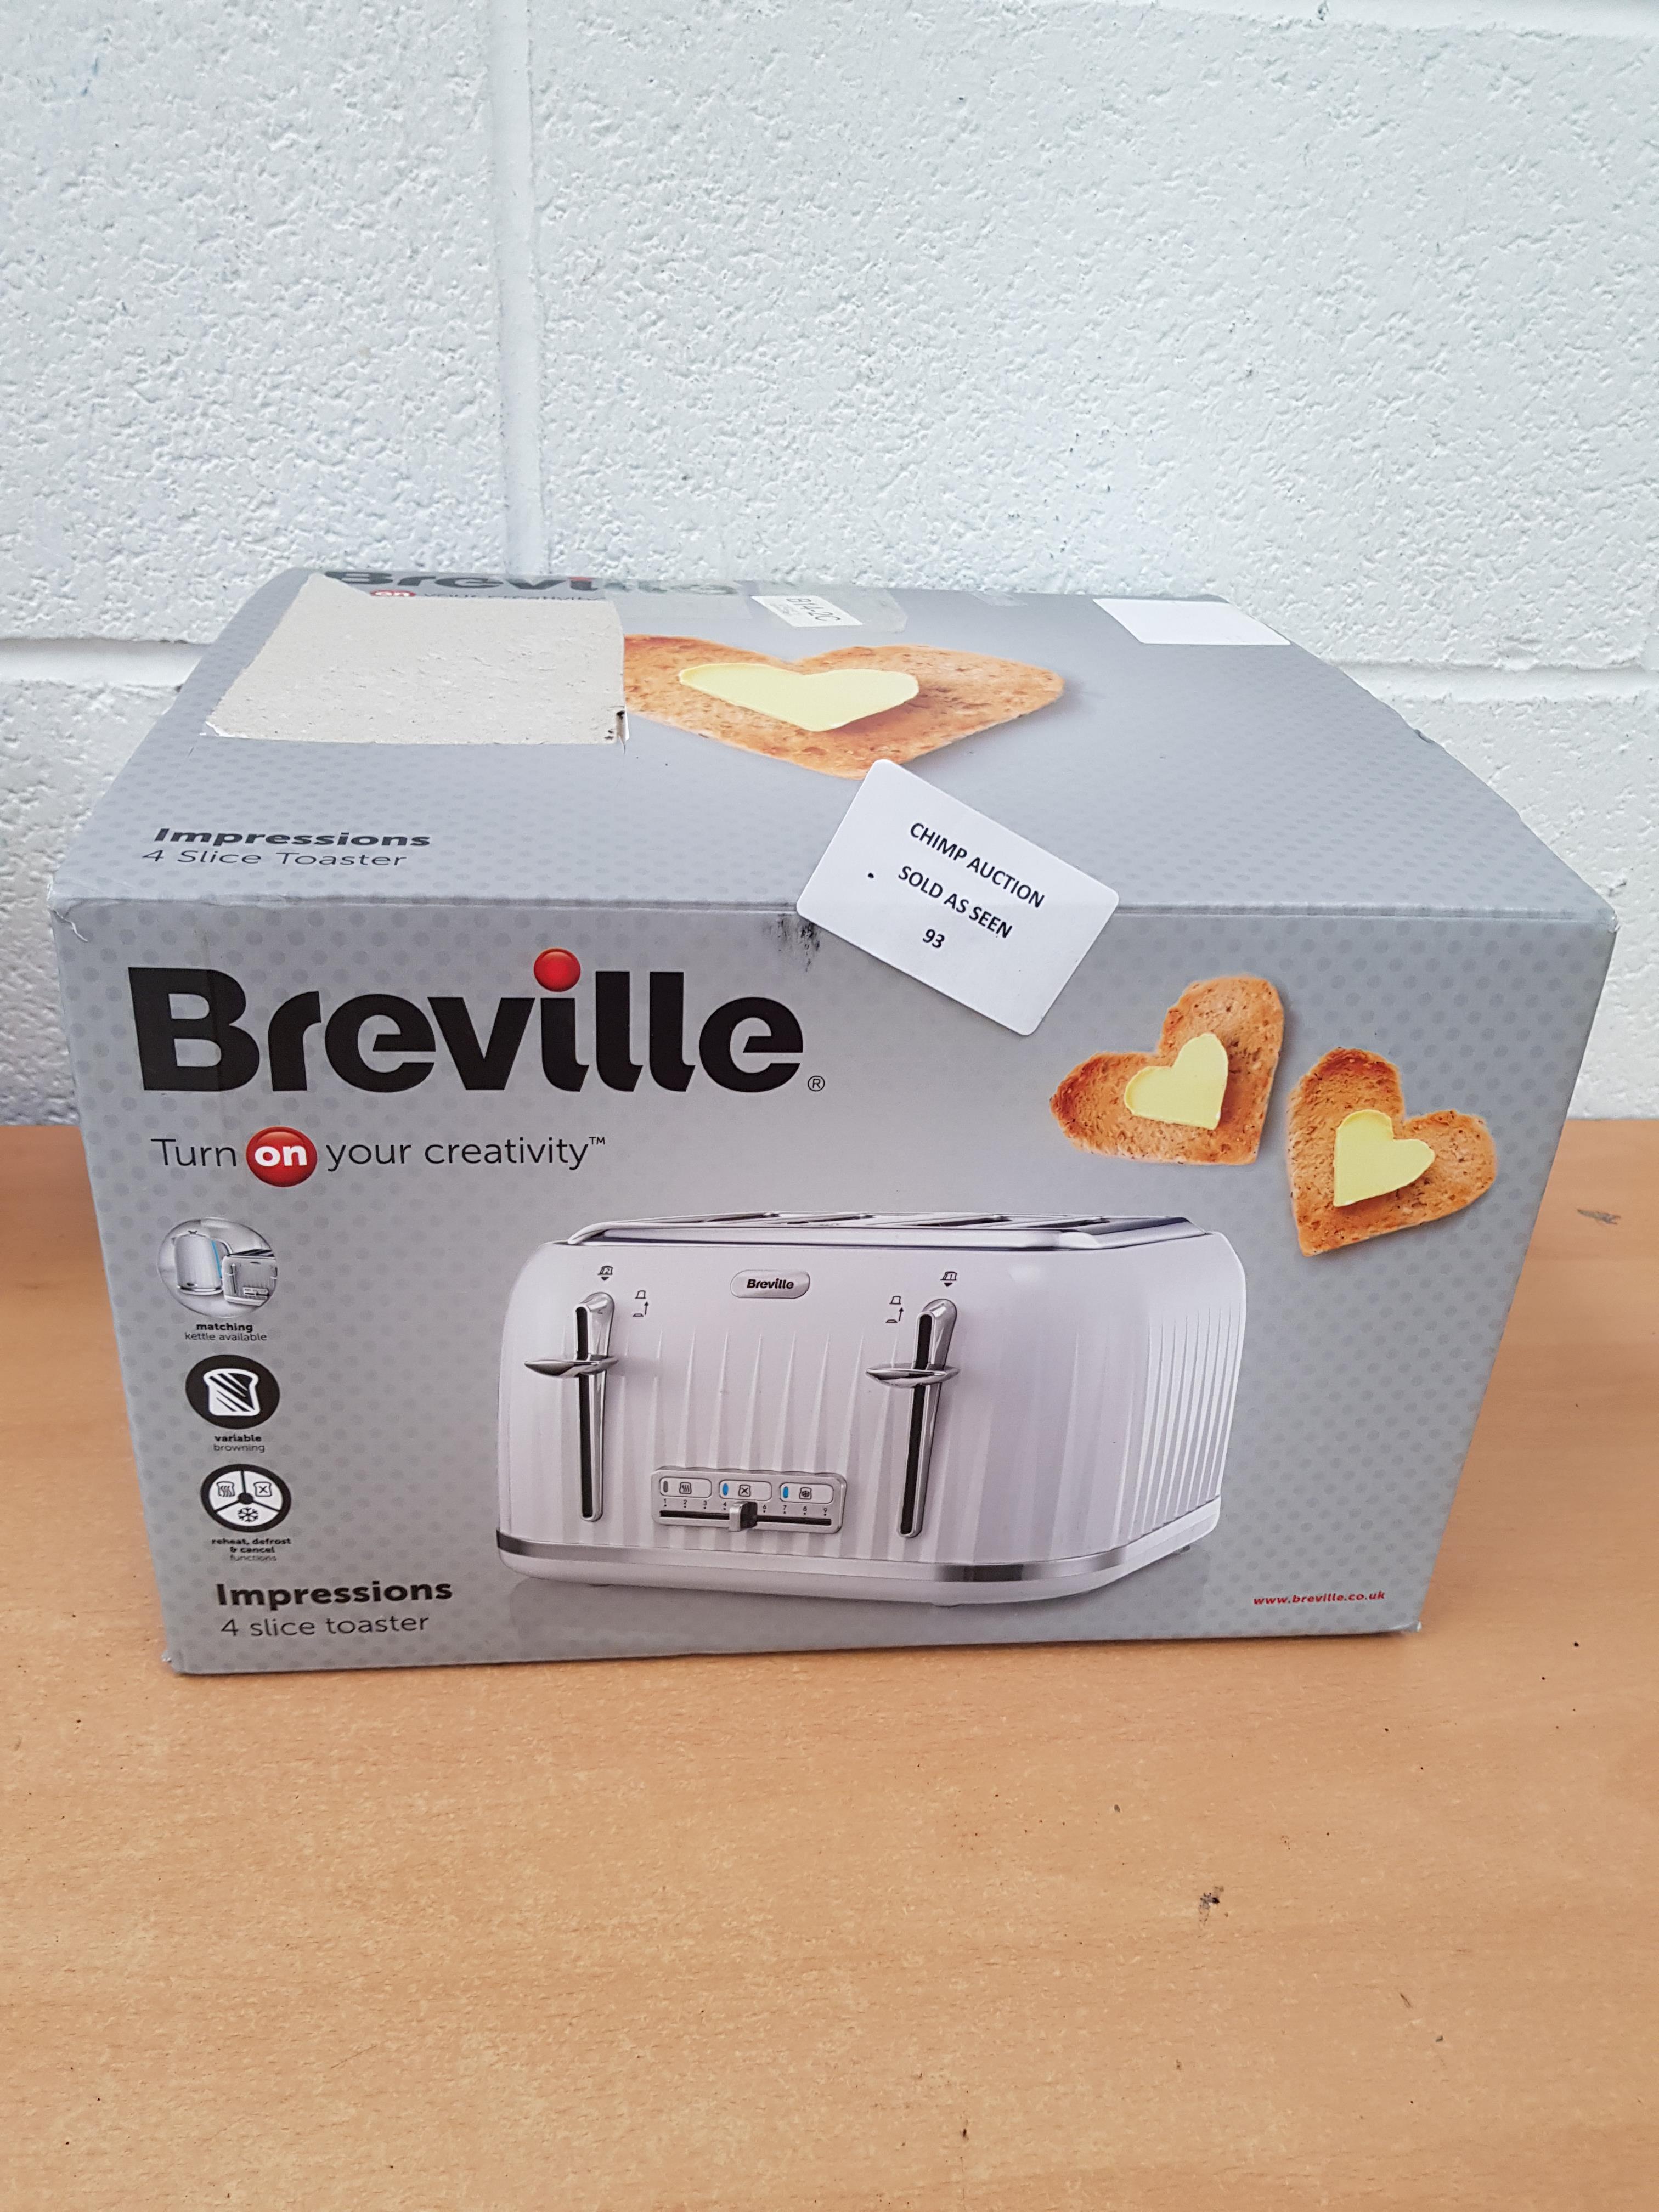 Lot 93 - Breville Impressions 4 slice toaster